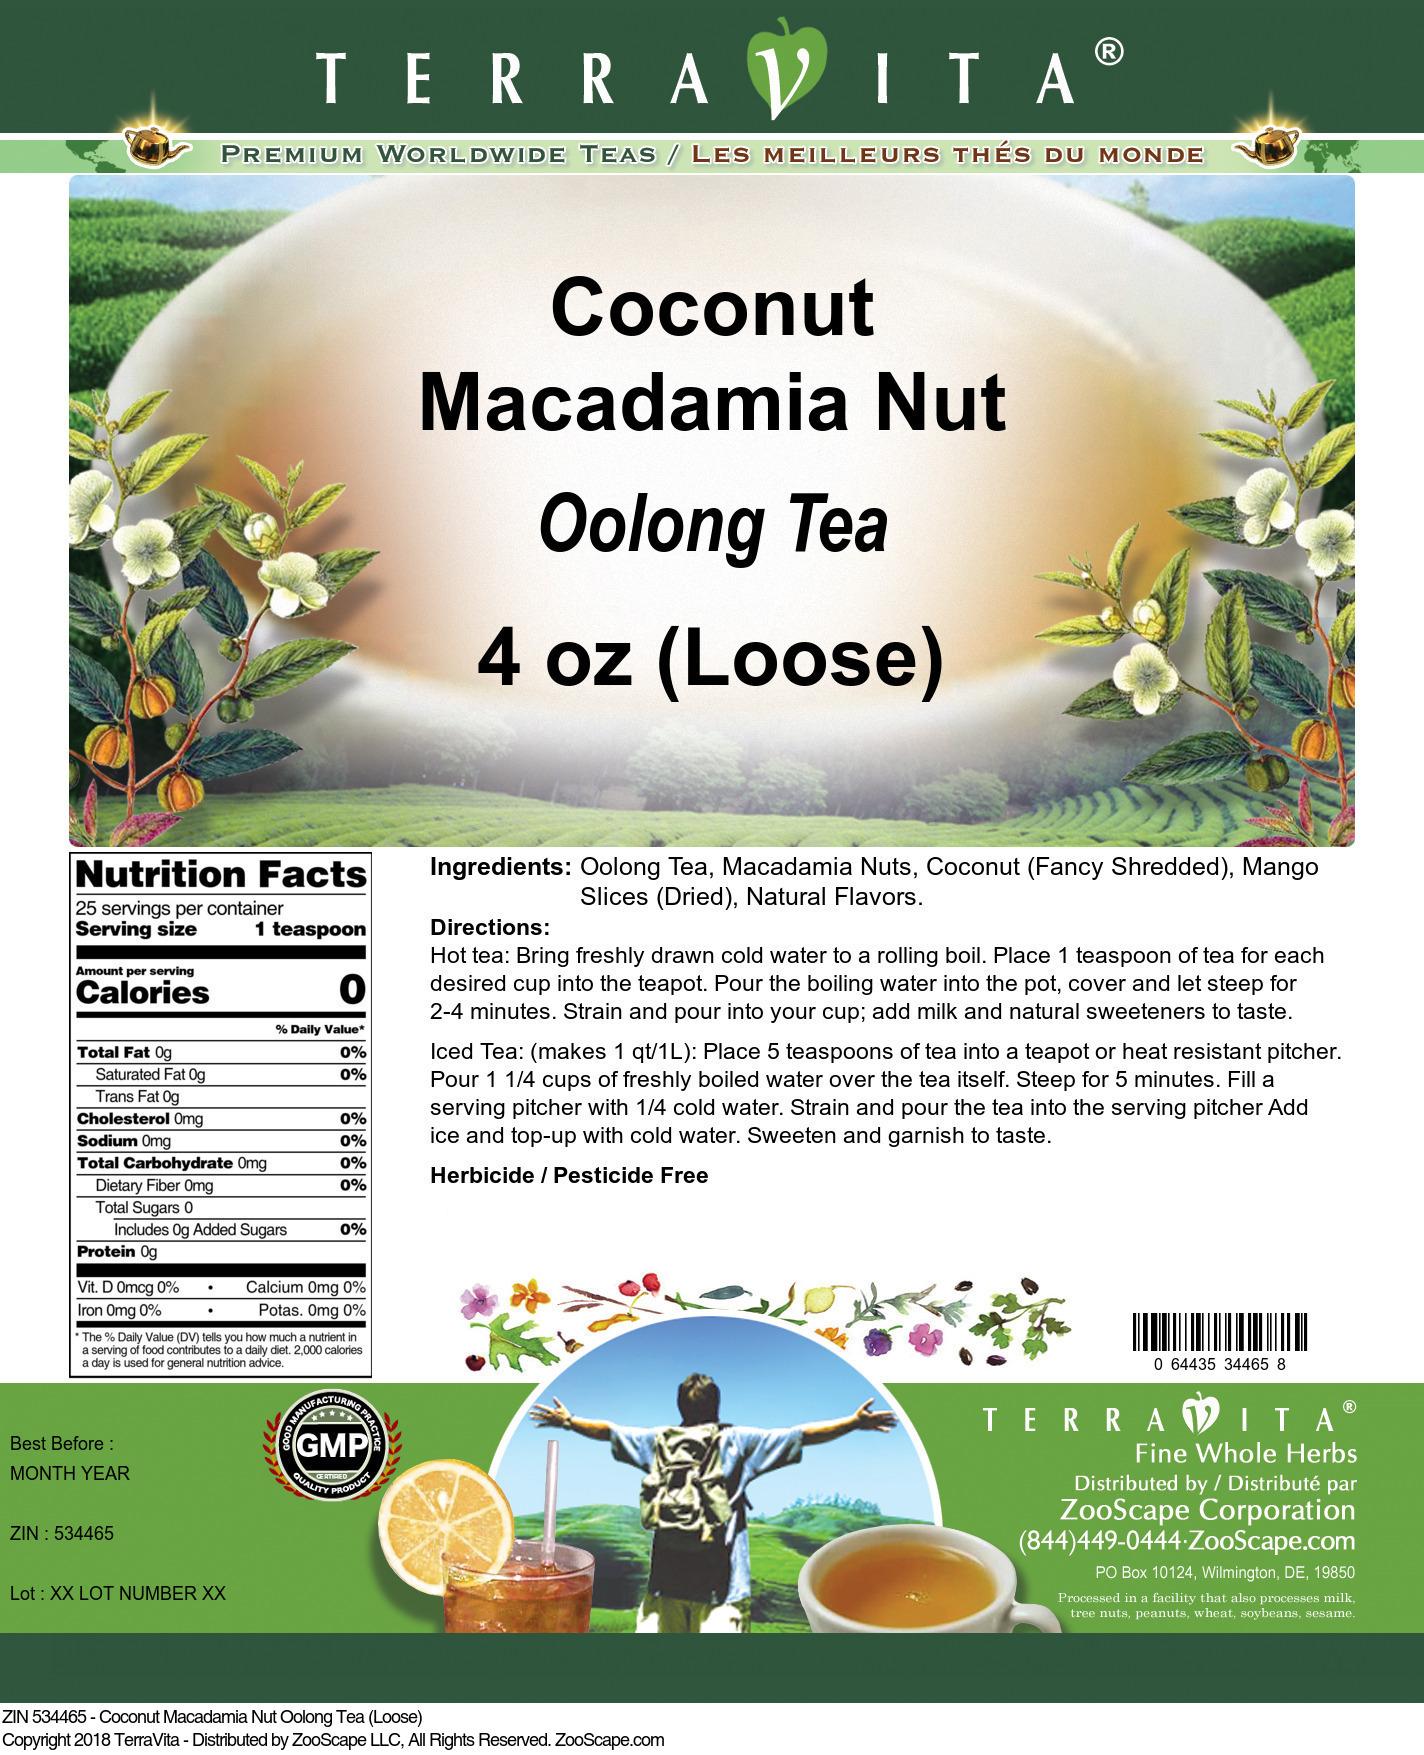 Coconut Macadamia Nut Oolong Tea (Loose)